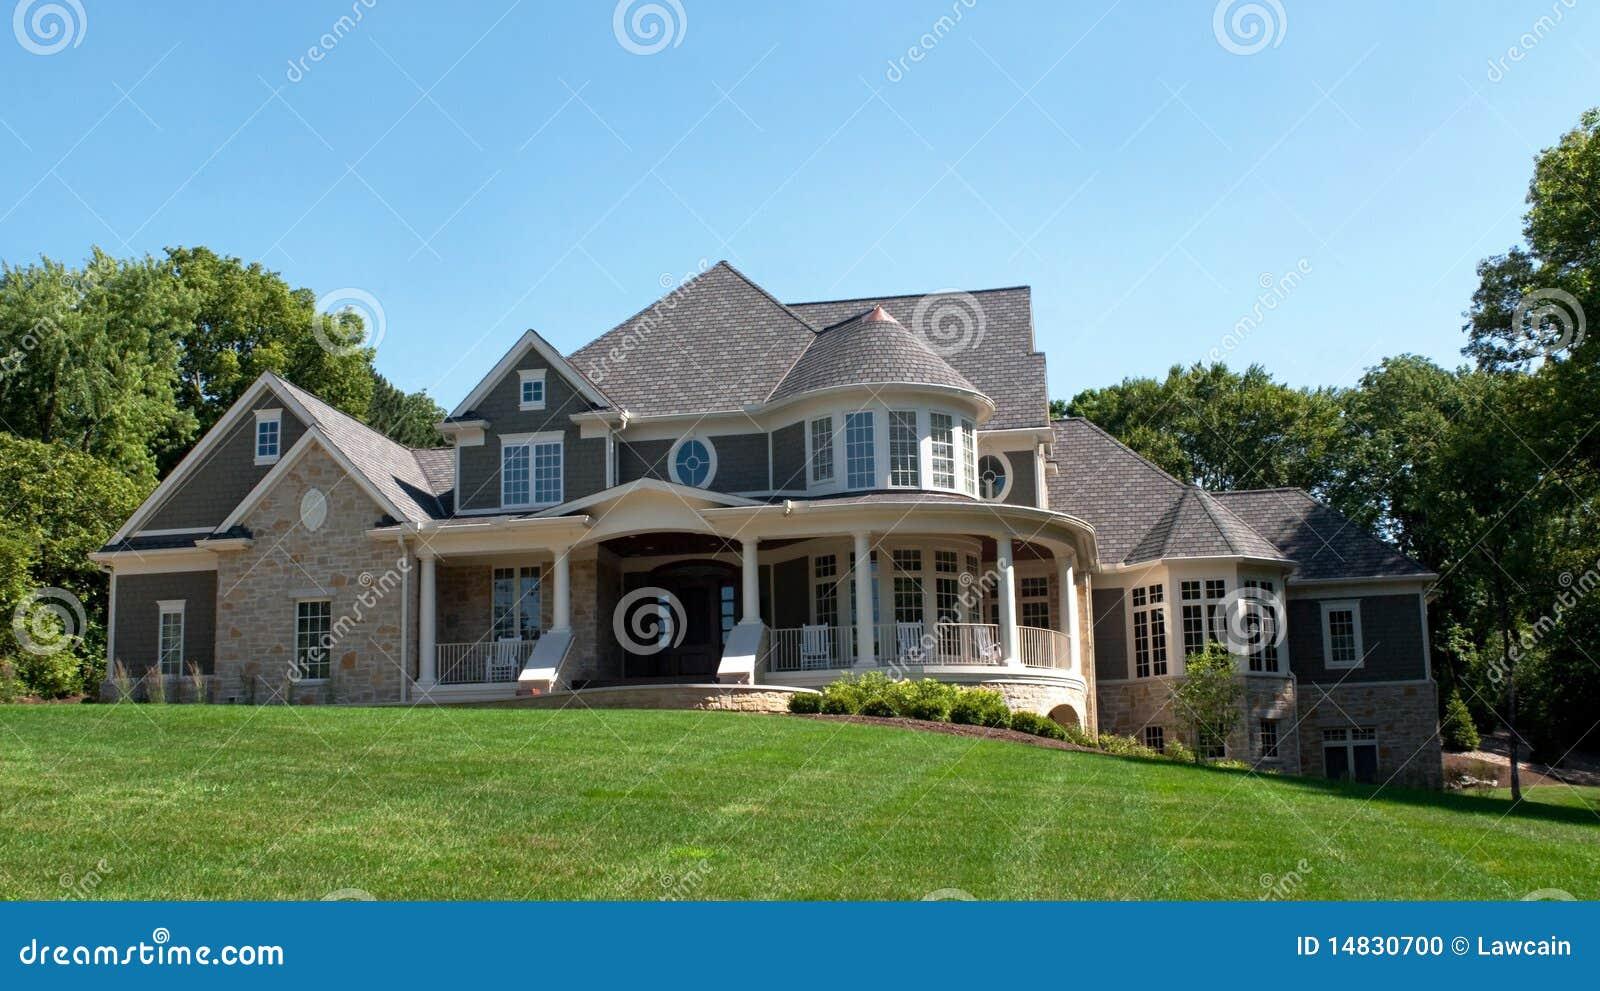 Luxury Multi Level Home Stock Photo Image 14830700